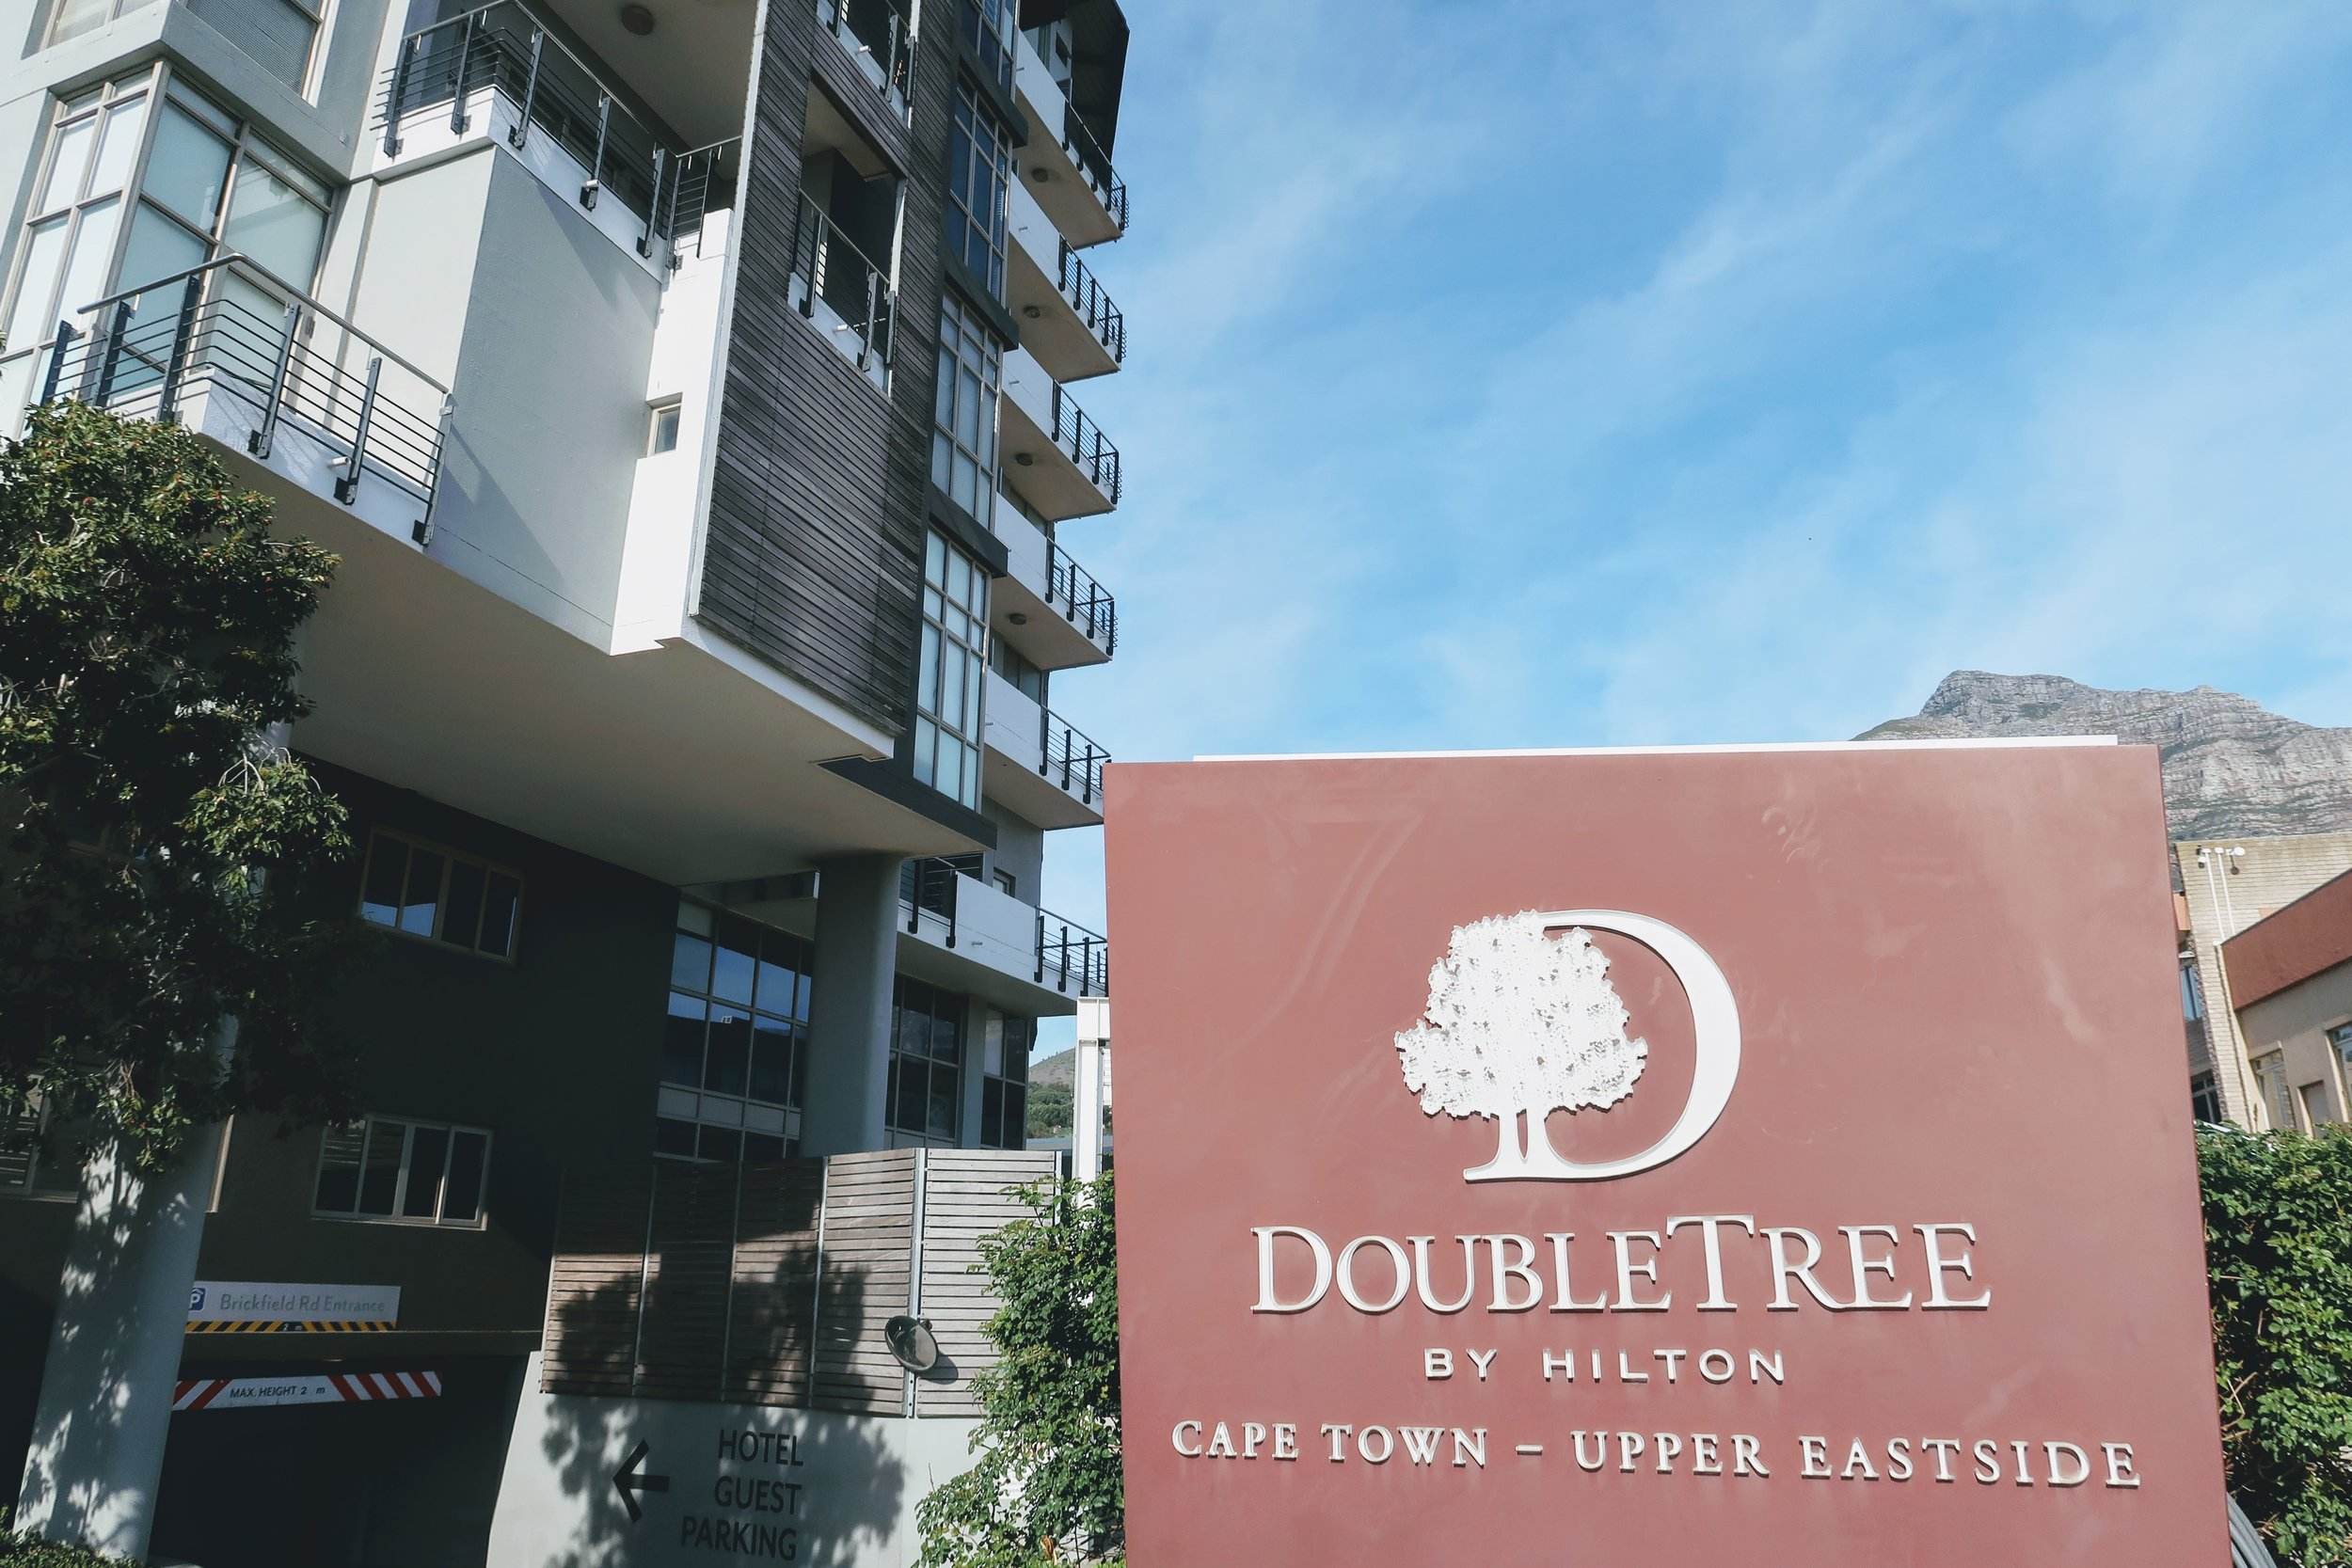 doubletree-hilton-cape-town-entrance